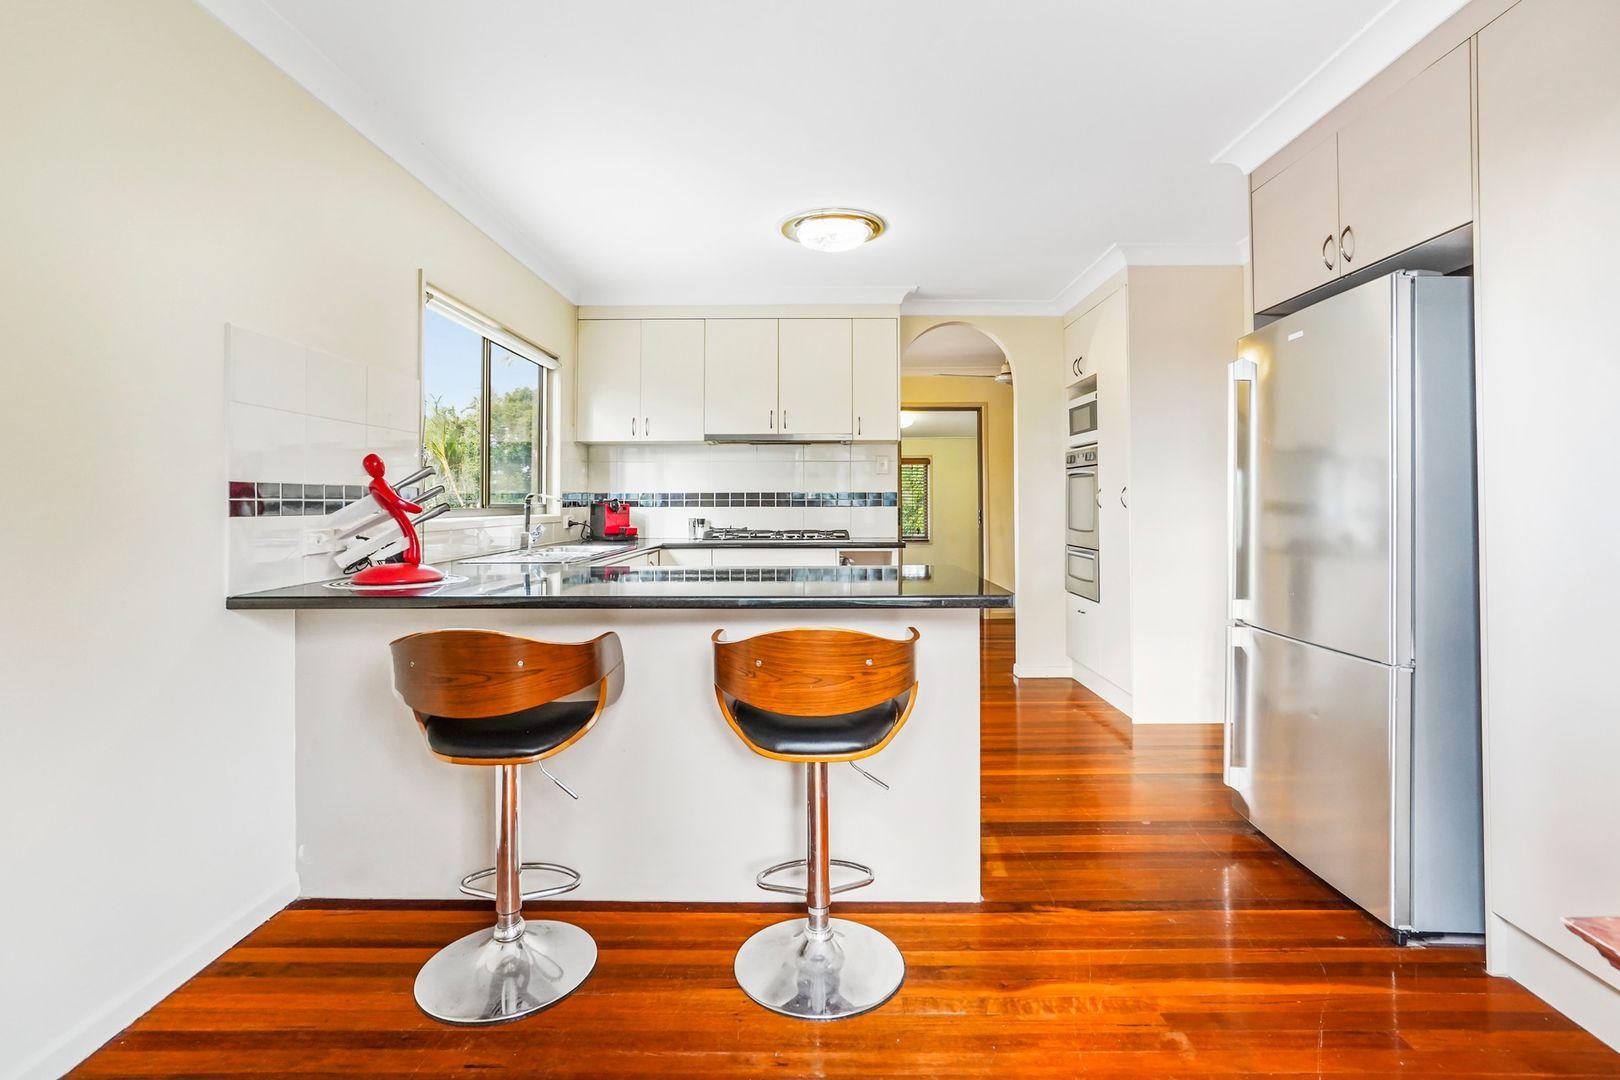 20 Morden Street, Birkdale QLD 4159, Image 1